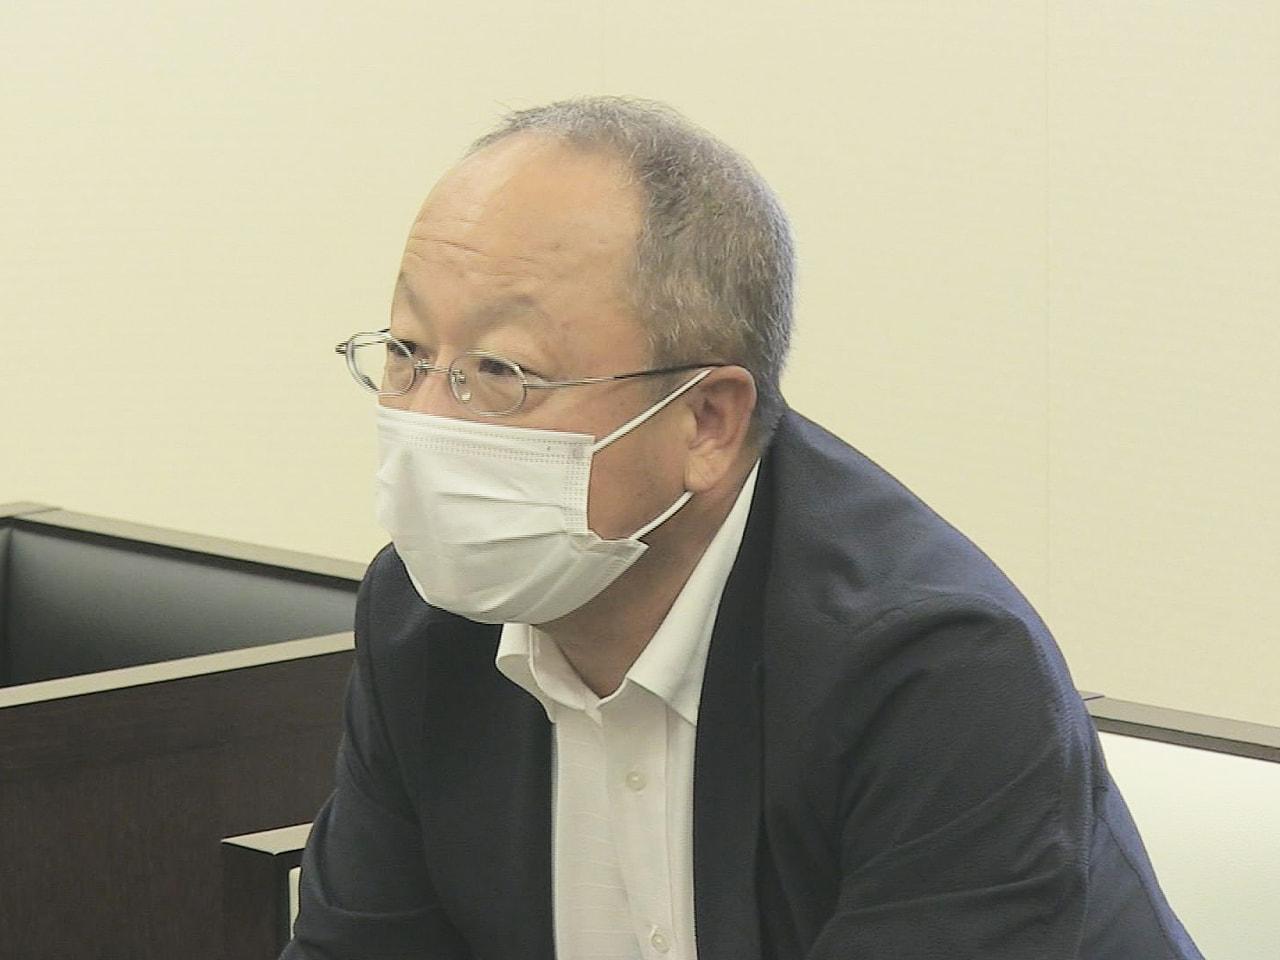 東邦ガスの岐阜地域支配人に就任した大塚淳人さんが岐阜放送本社を訪れ、「エネルギー...